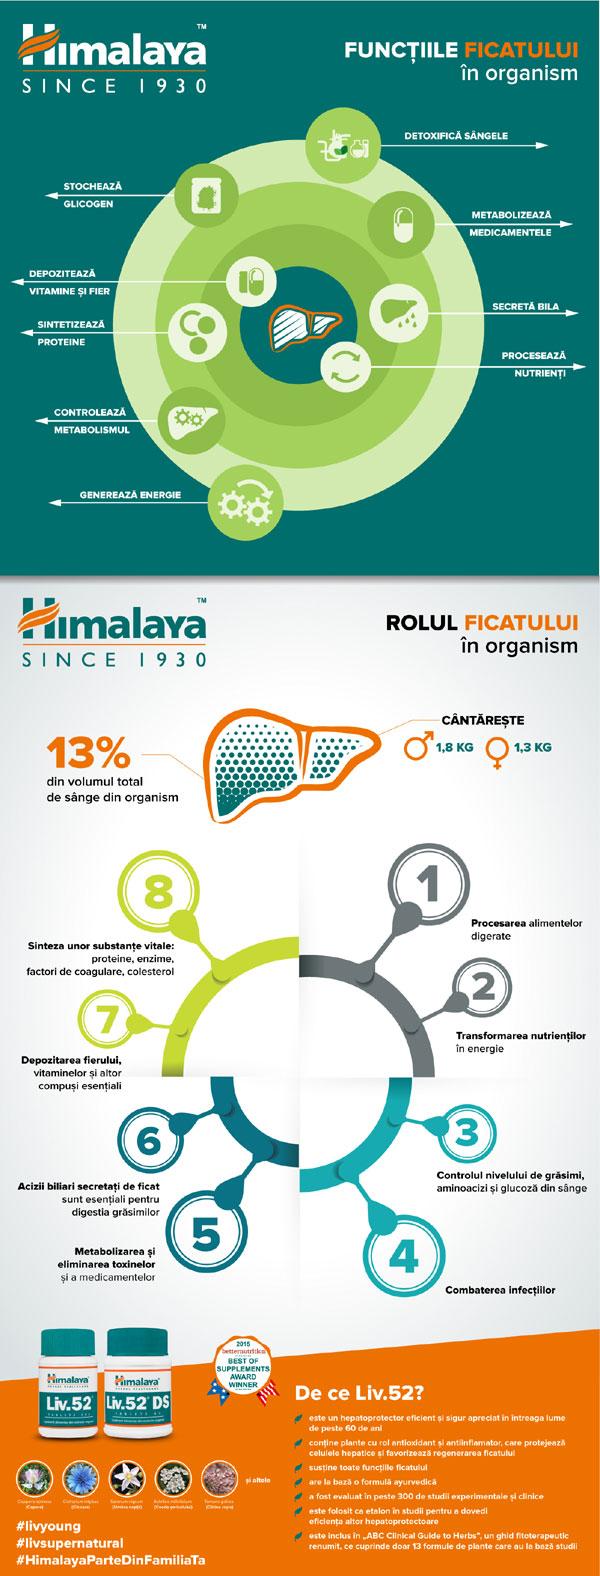 Infografic Himalaya LIV.52